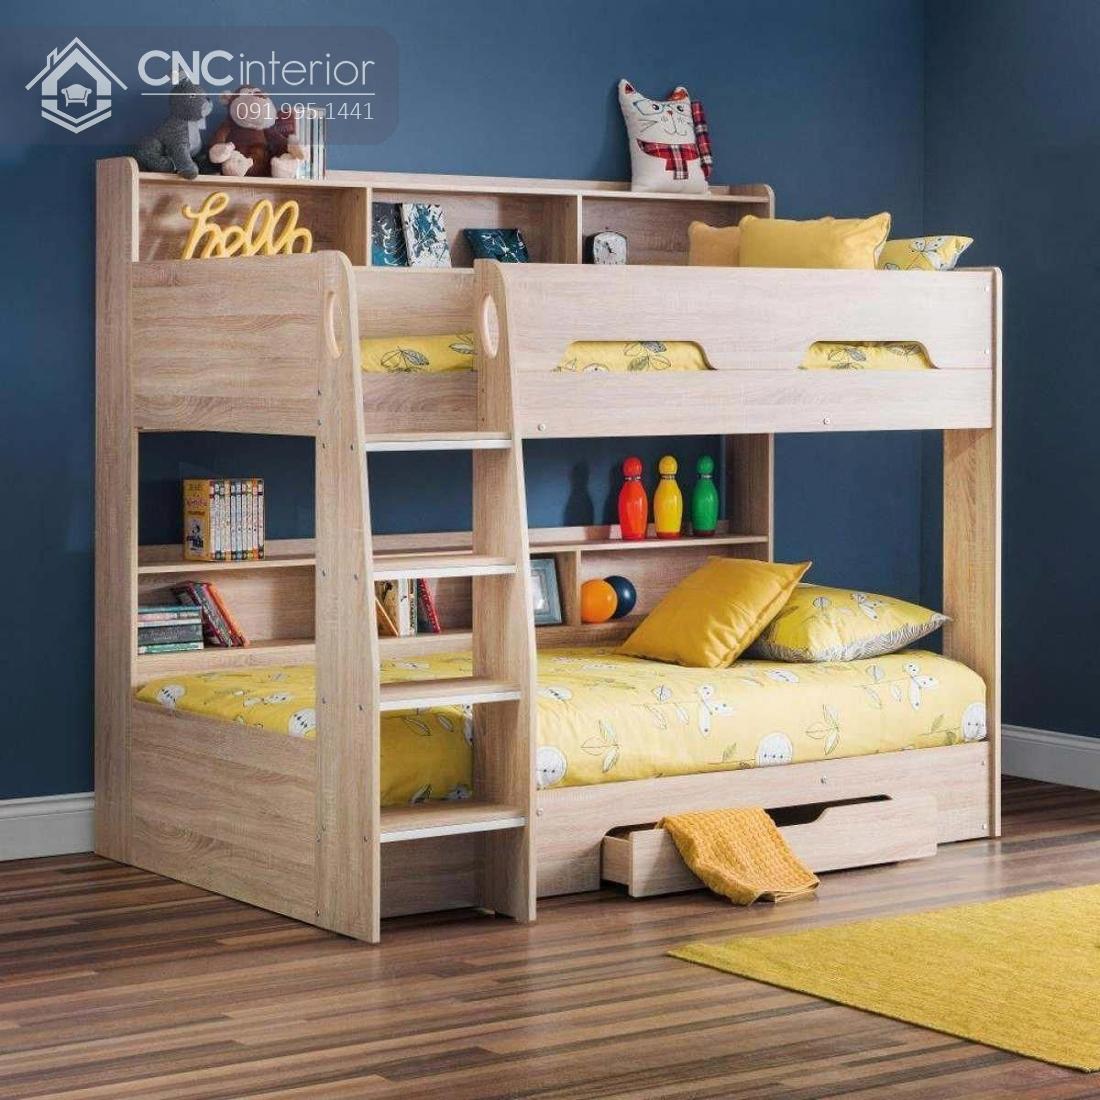 Giường 2 tầng trẻ em đẹp gọn gàng CNC 36 1